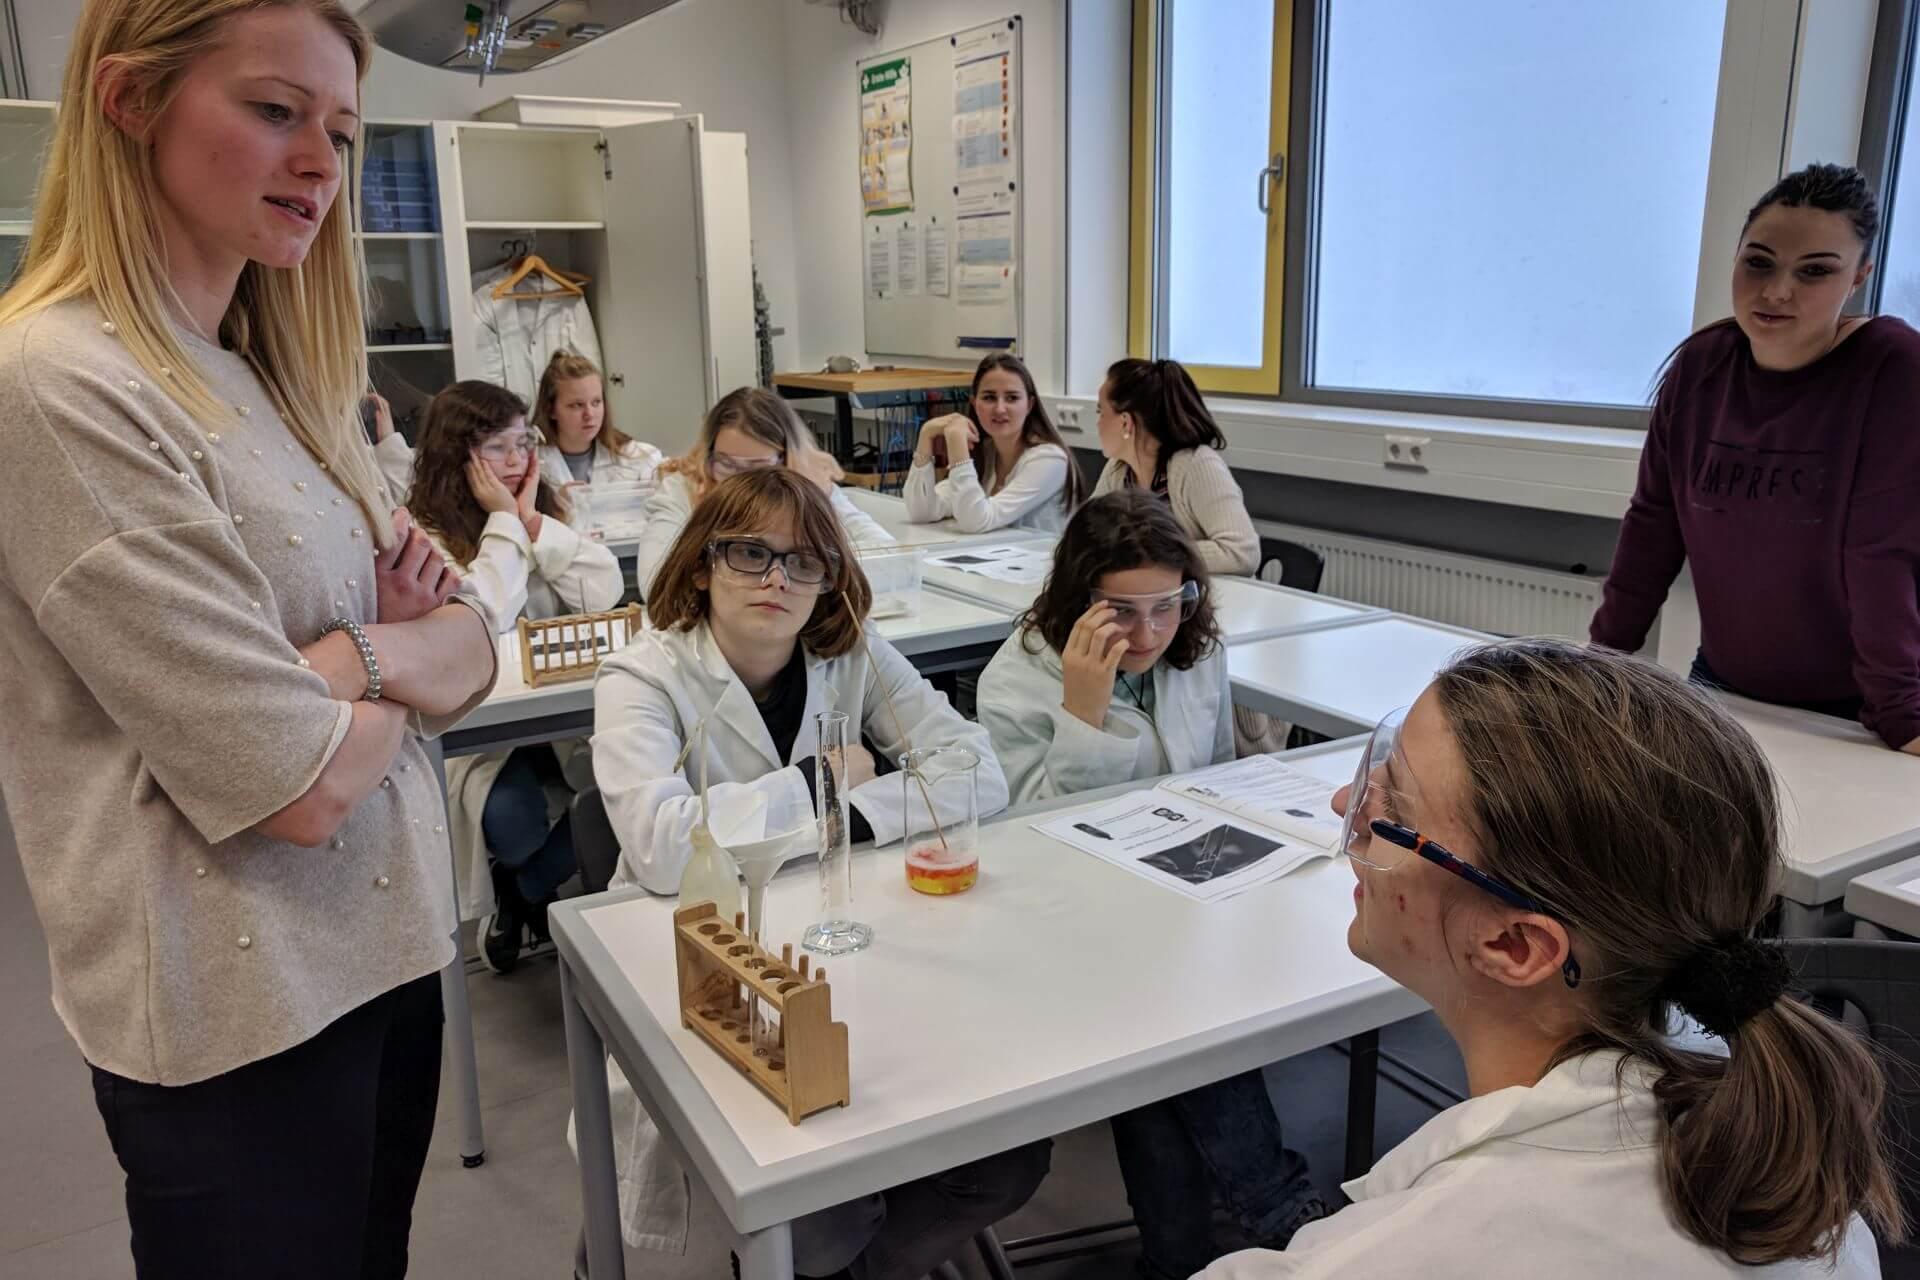 2018 01 17 Sophies Im Chemielabor Content 1